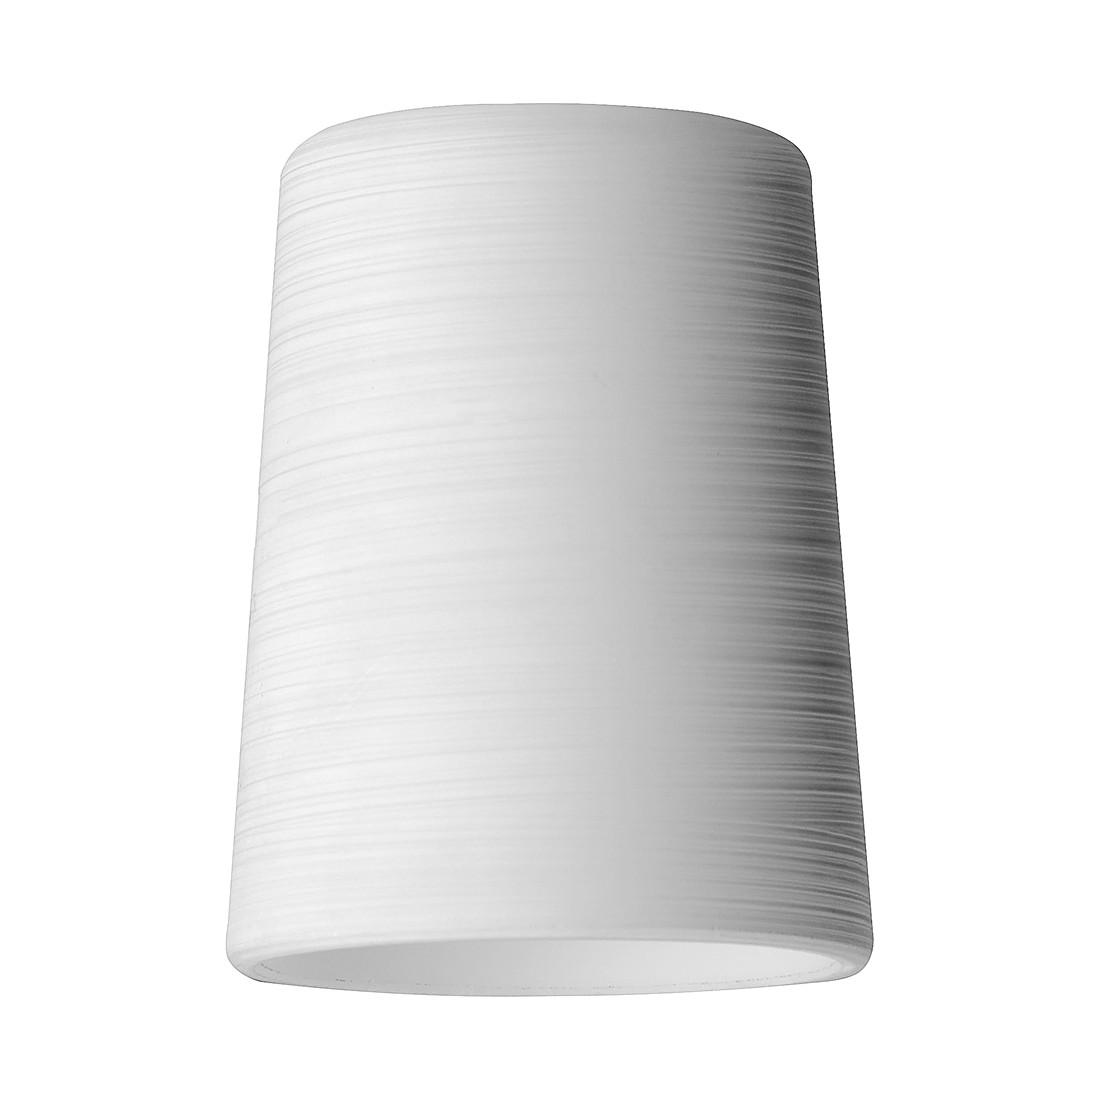 glasschirm m6 licht spot16 fischer leuchten g nstig kaufen. Black Bedroom Furniture Sets. Home Design Ideas